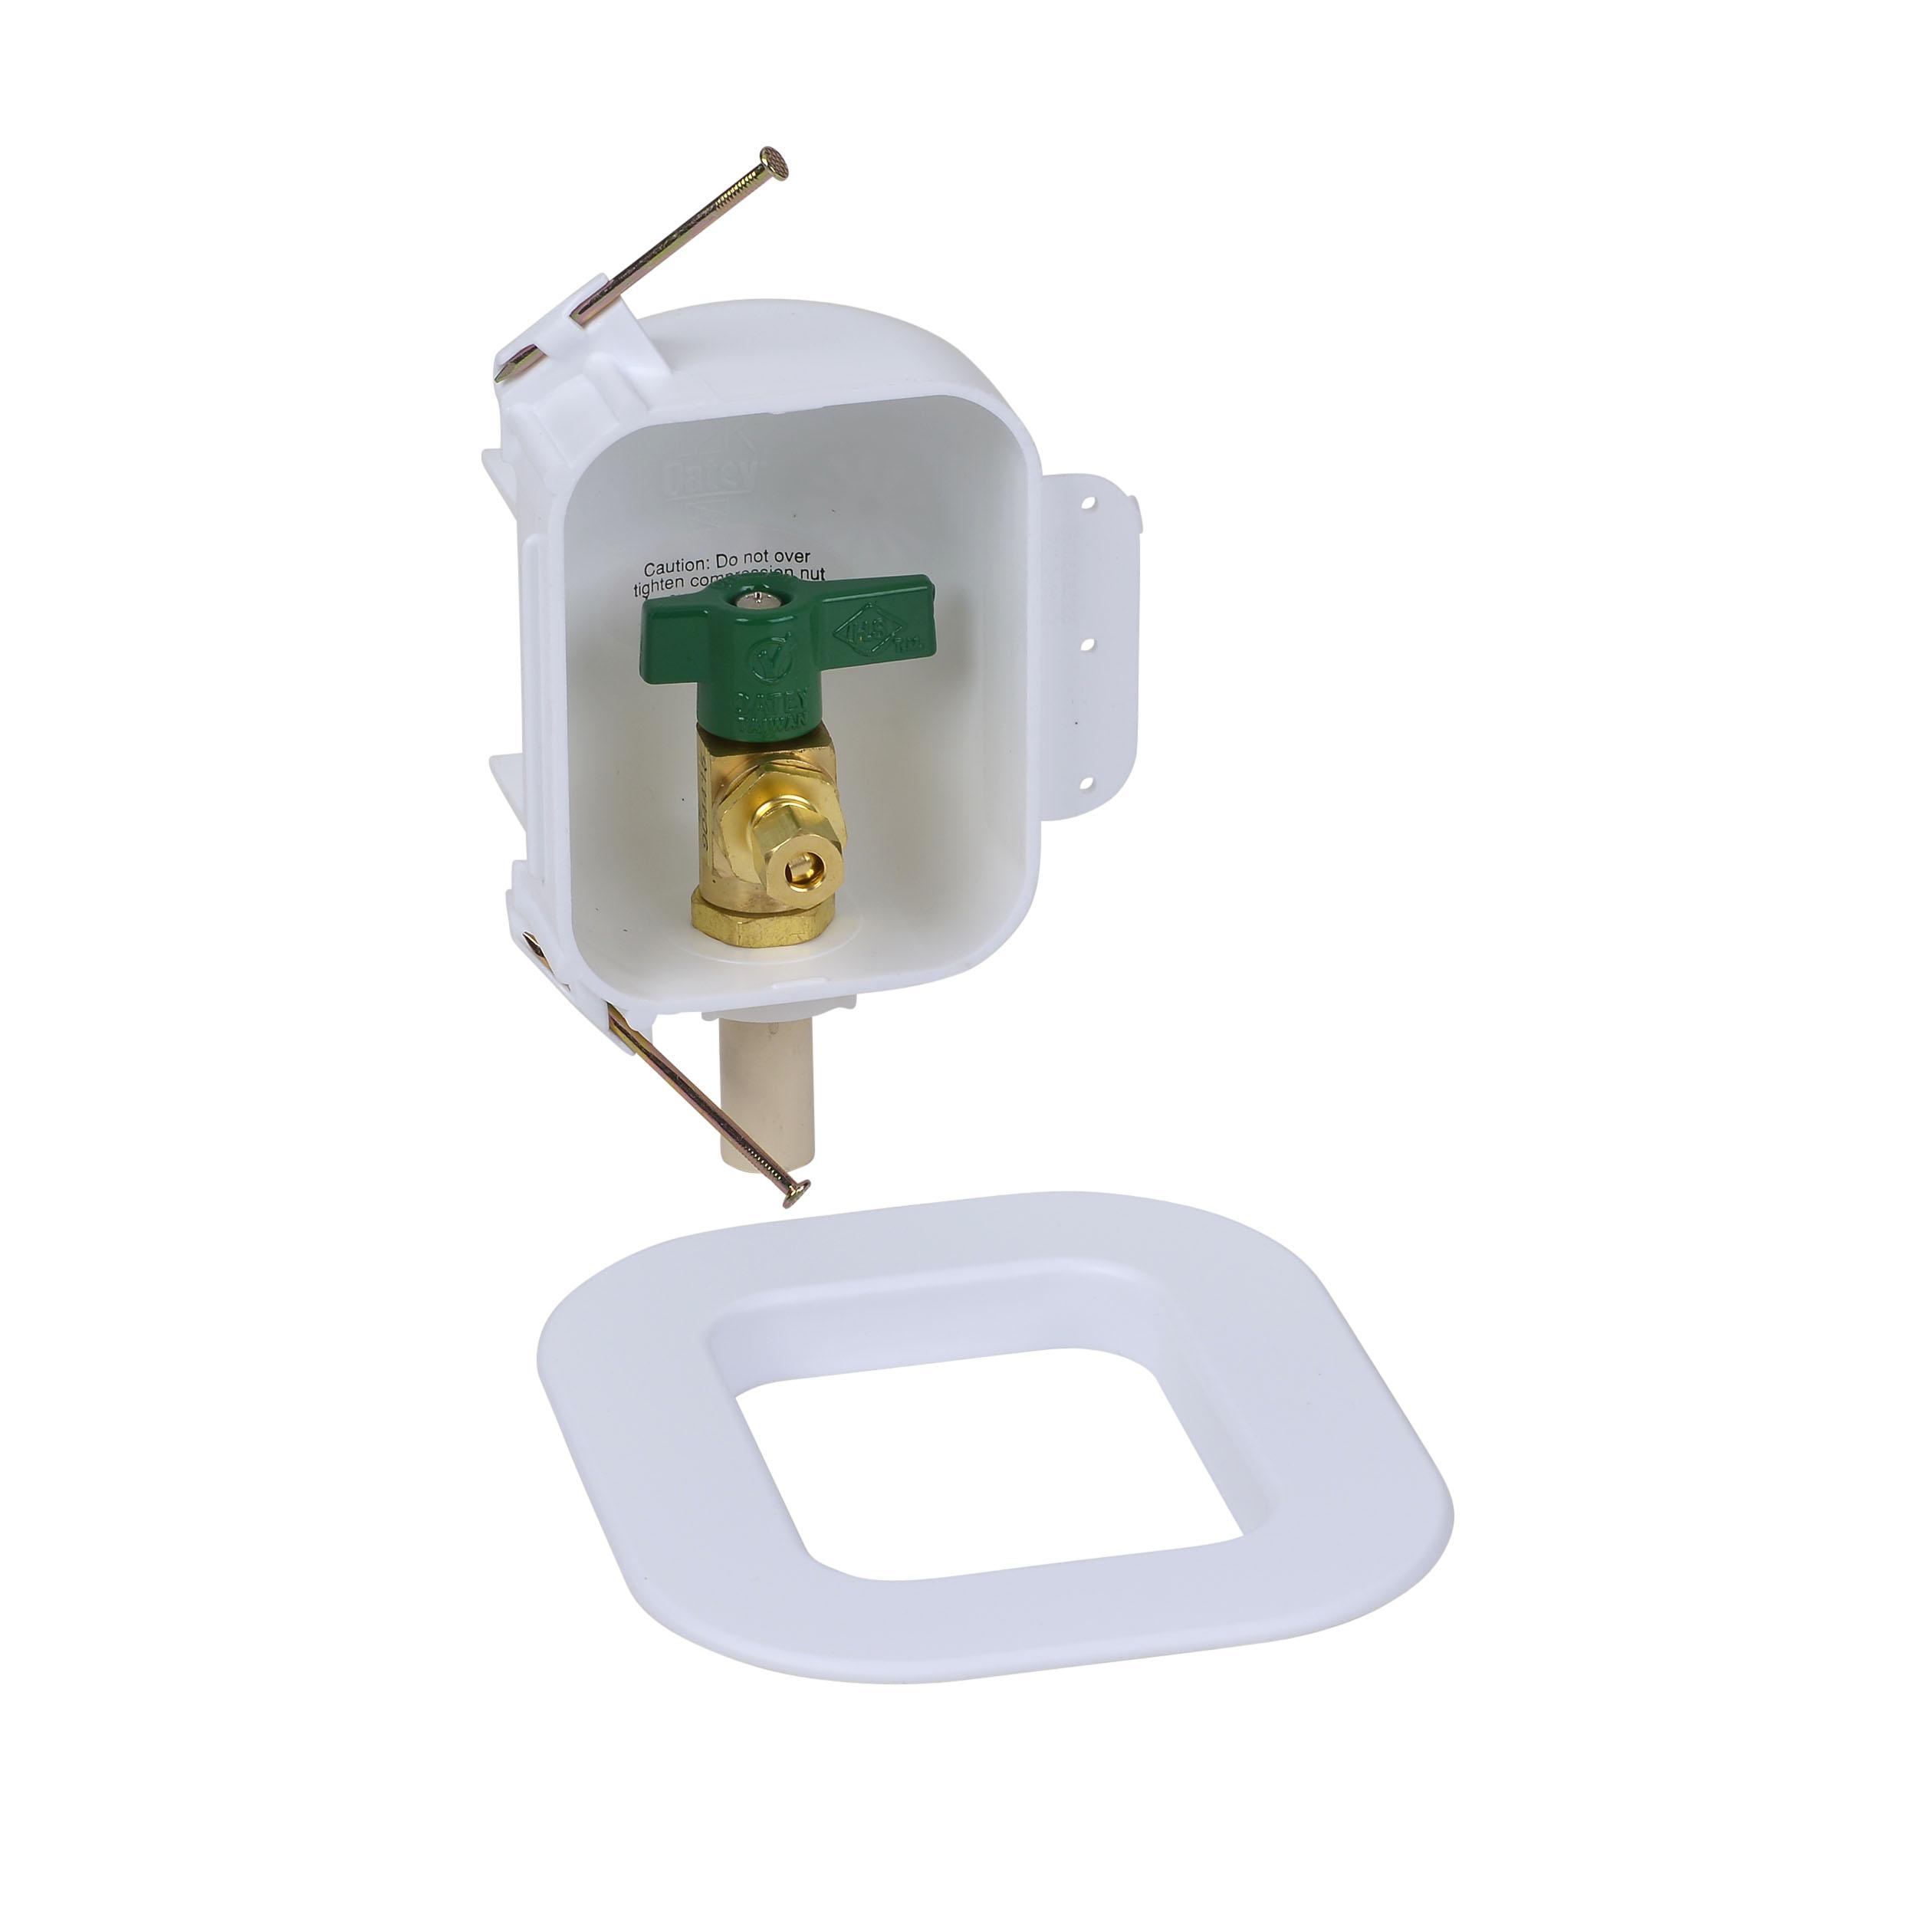 Oatey I2k ¼ Turn CPVC Standard ll 1493609